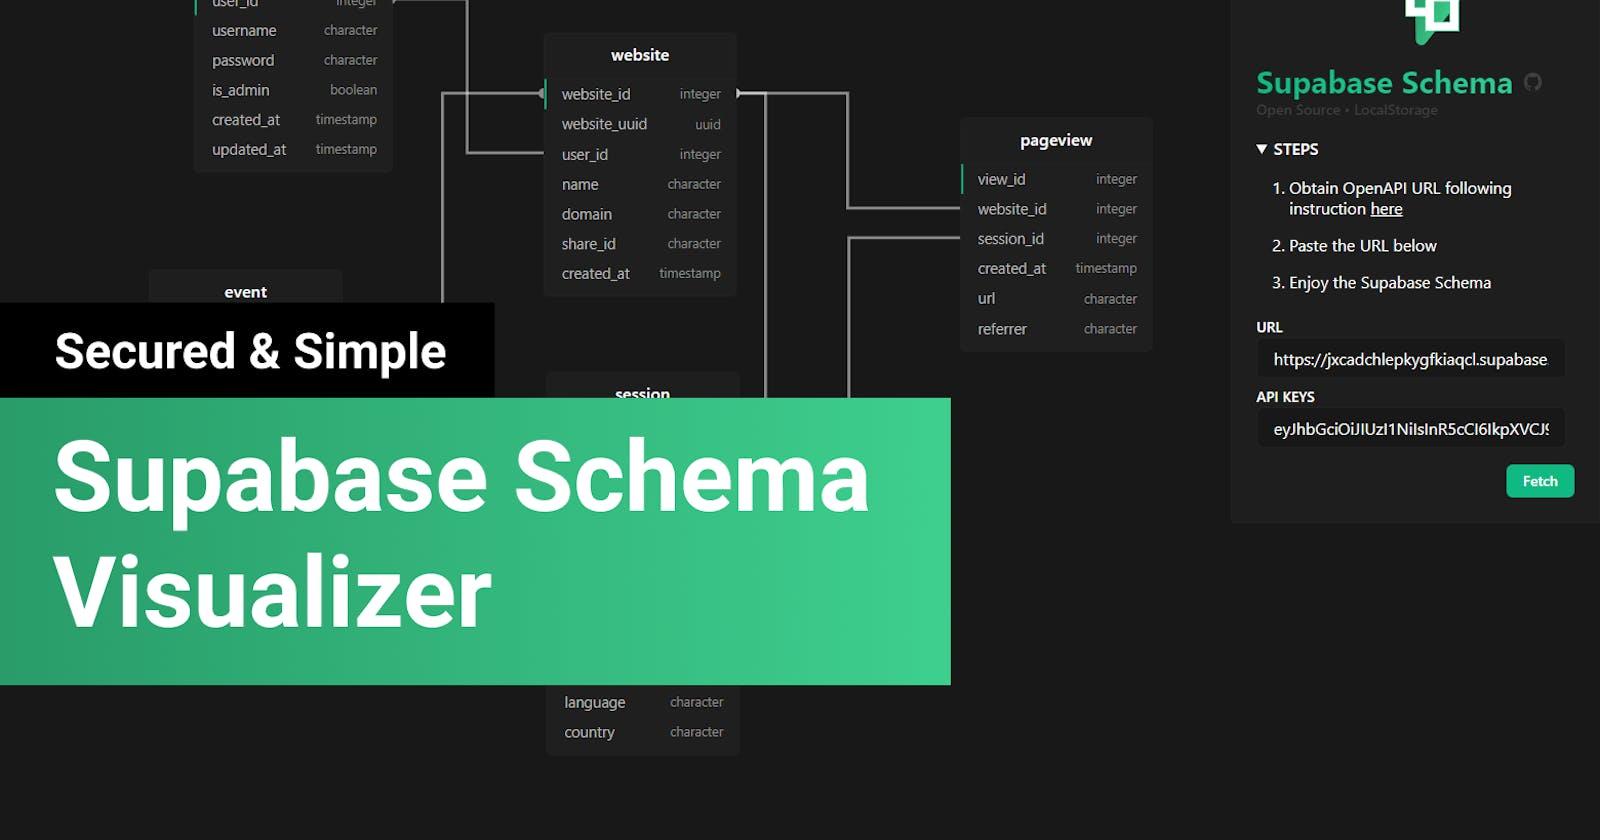 Supabase Schema Visualizer - No installation/login